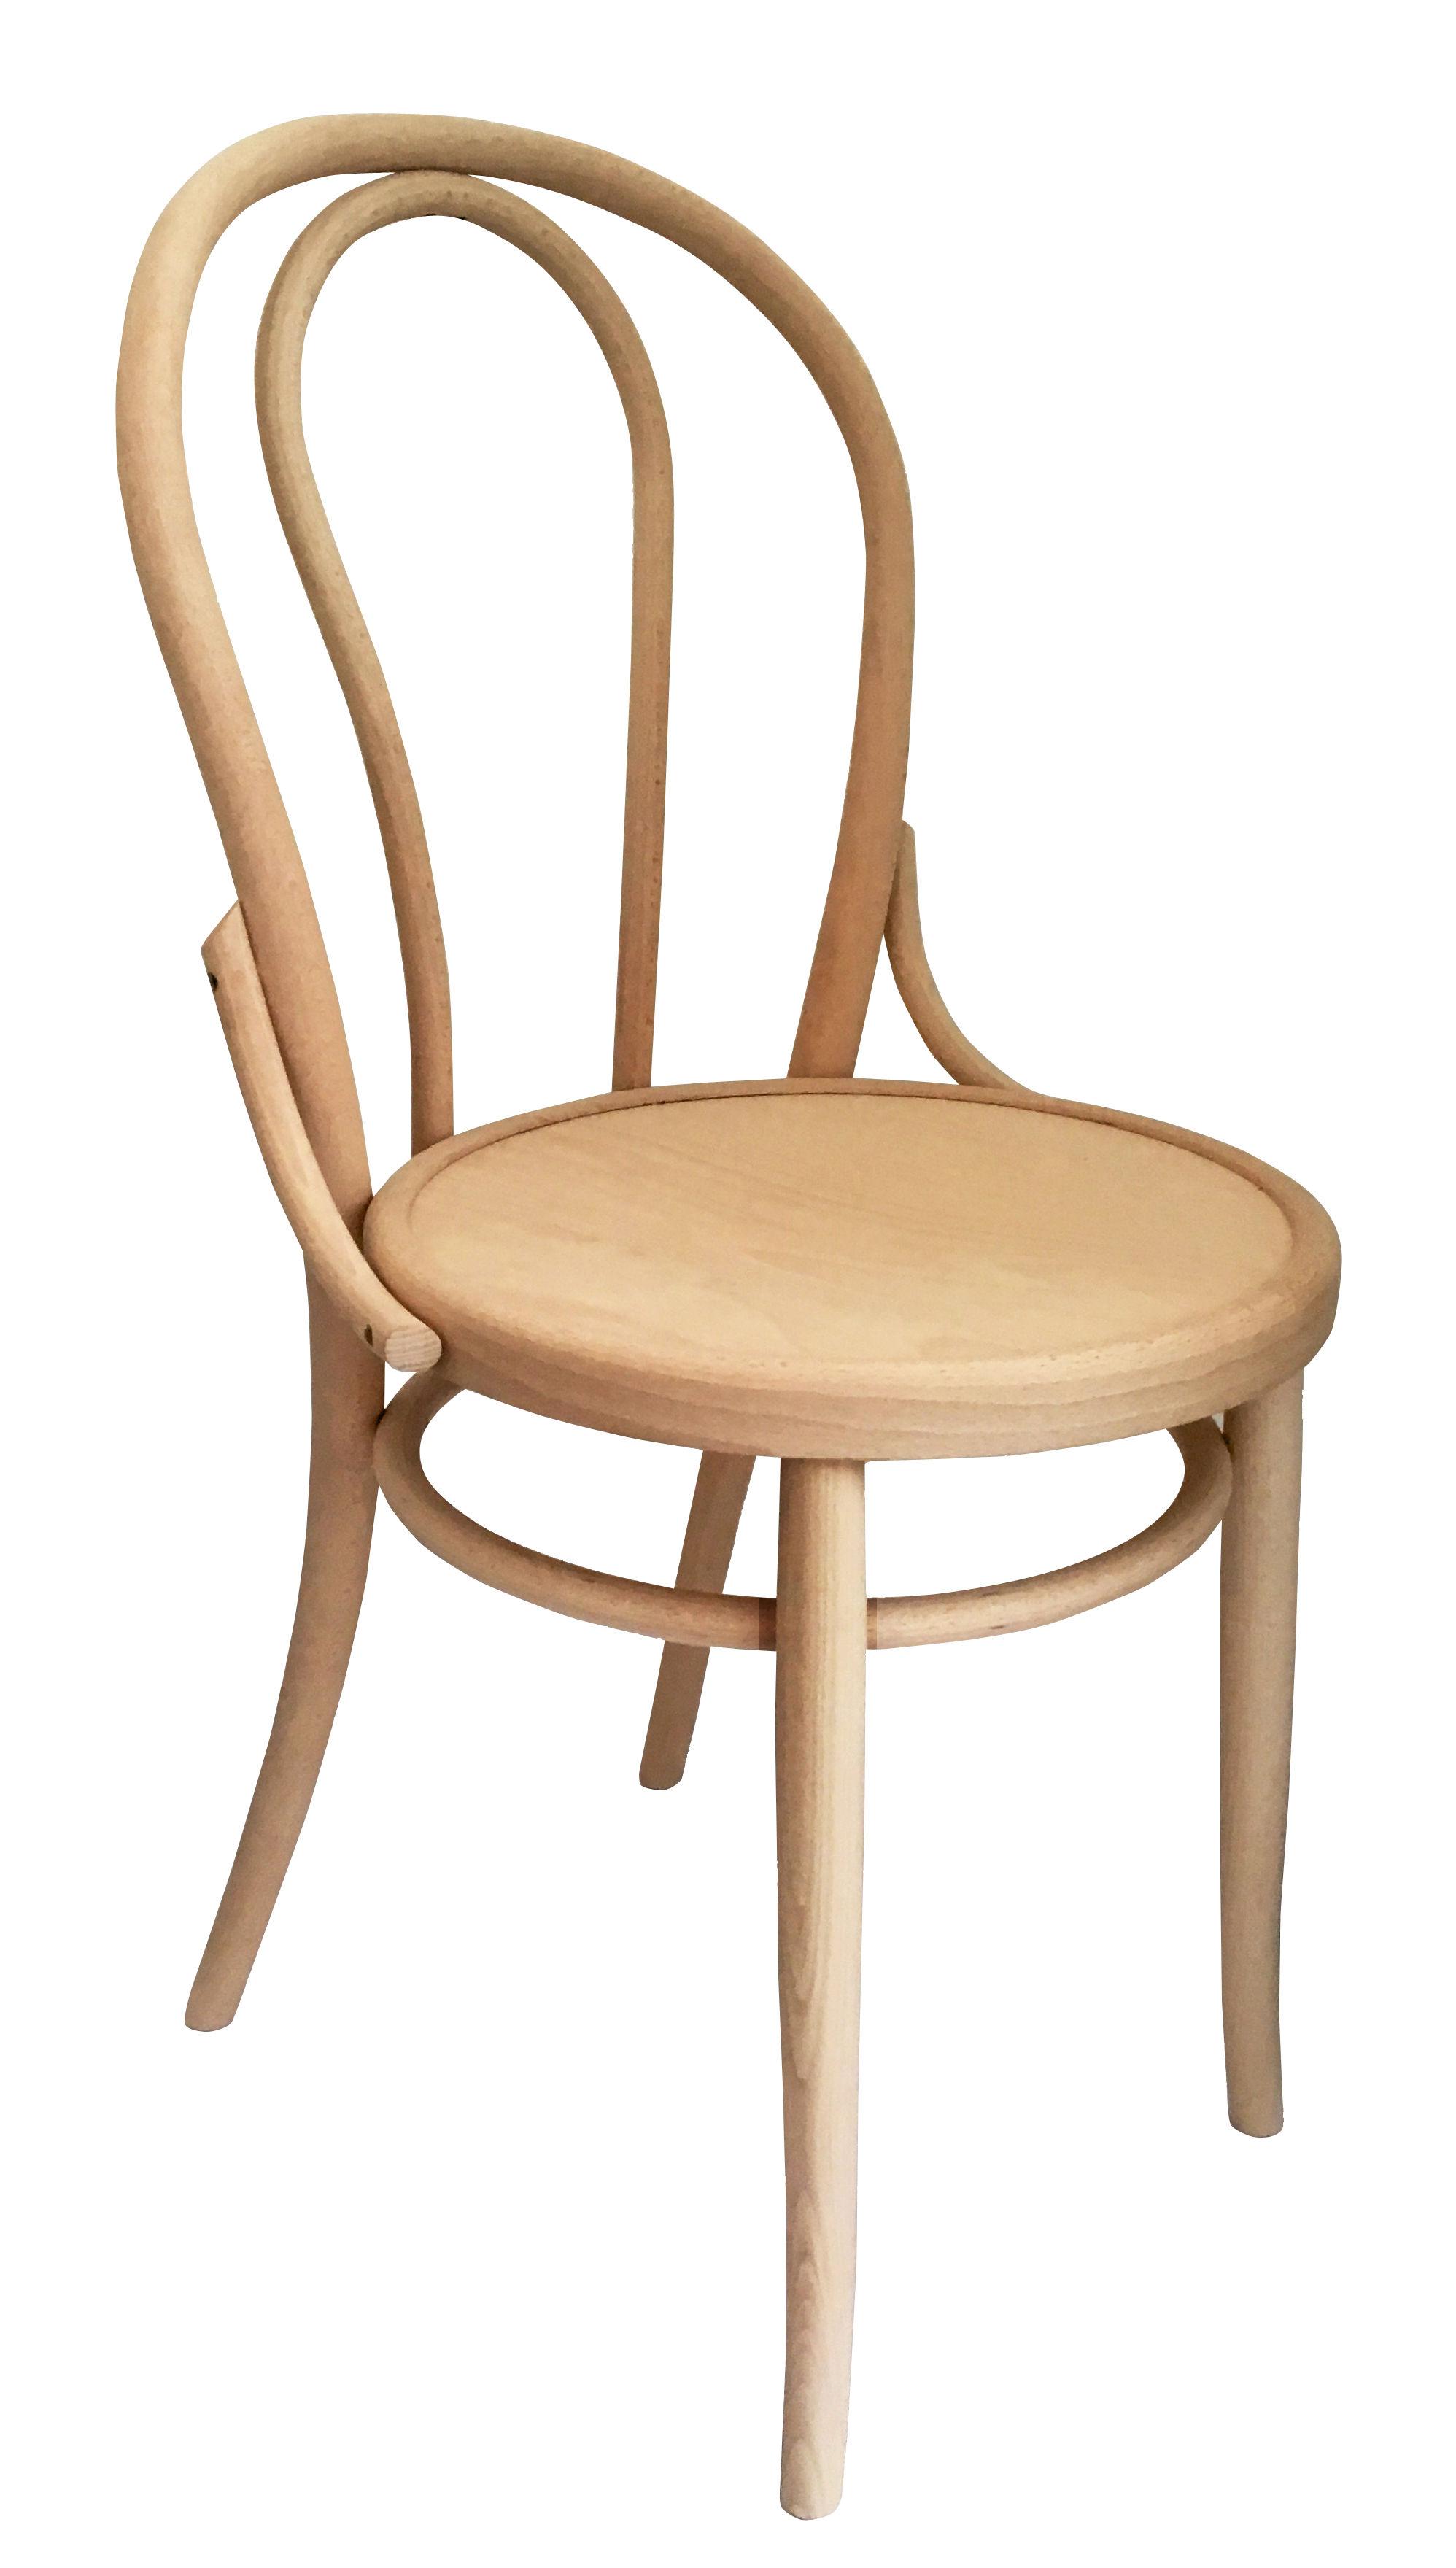 Mobilier - Chaises, fauteuils de salle à manger - Chaise N° 18 / Réédition 1876 - Wiener GTV Design - Bois naturel - Contreplaqué de hêtre, Hêtre massif cintré